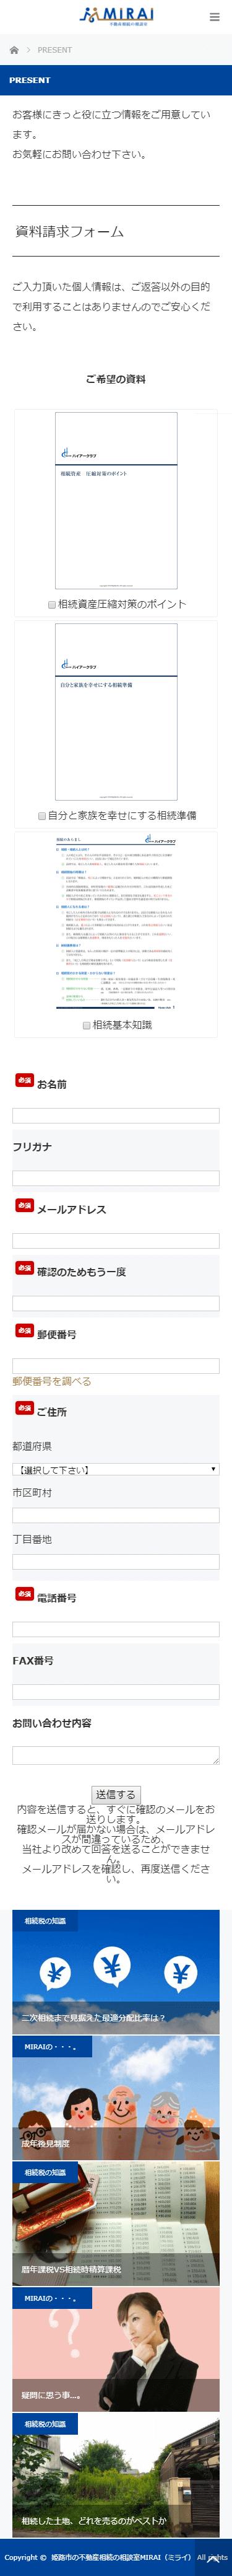 姫路市 ビッグホーム流通有限会社様 ホームページ制作4